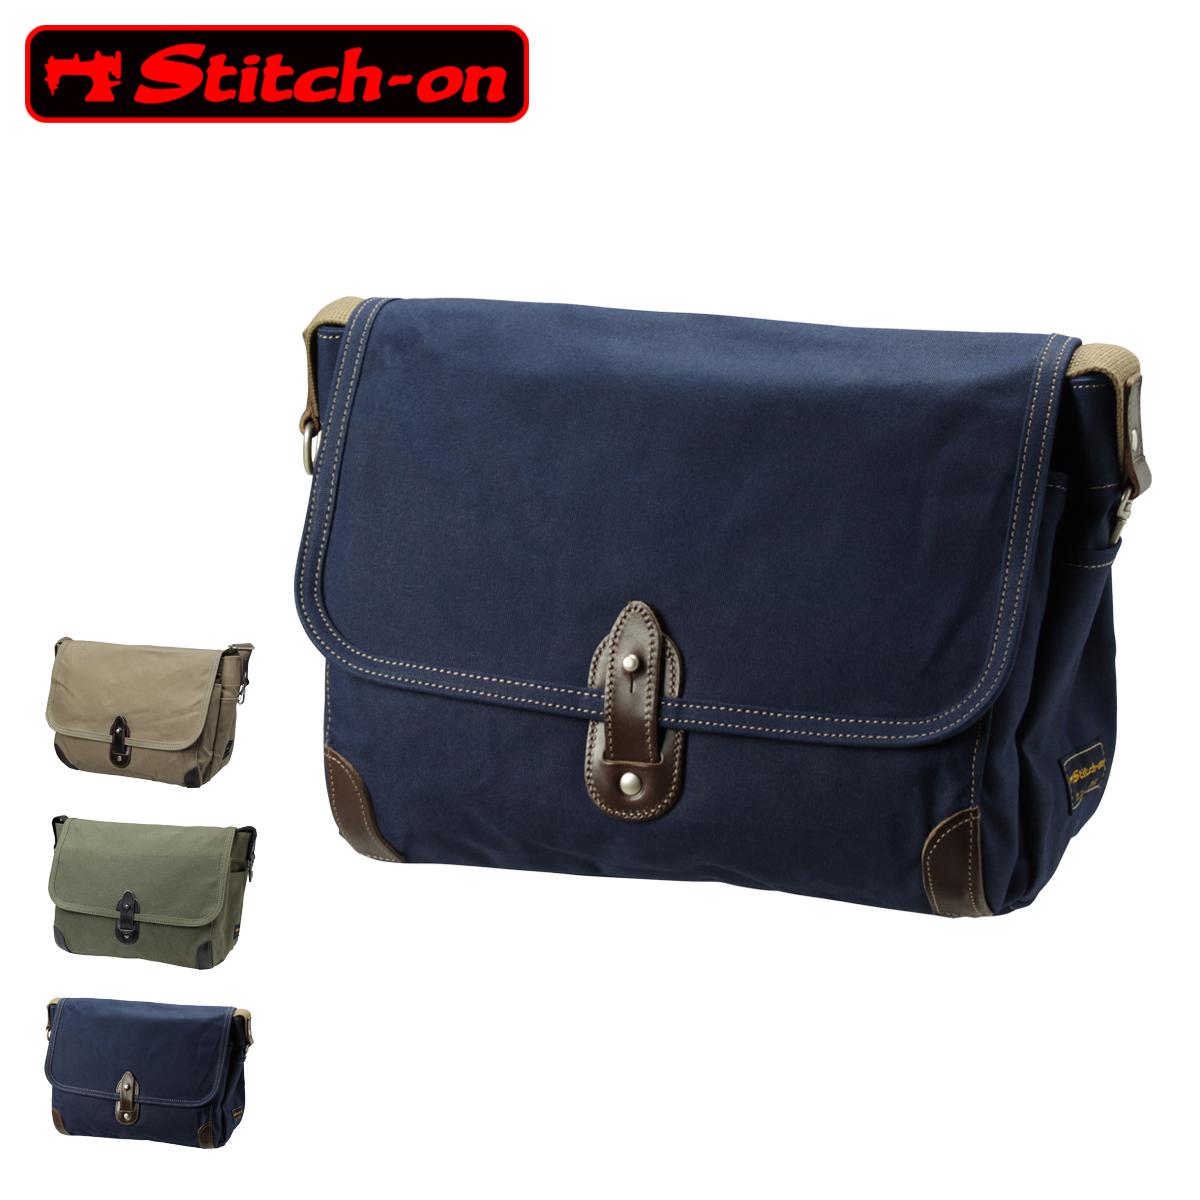 ステッチオン ショルダーバッグ 帆布シリーズ メンズ 52204 日本製 Stitch-on | 斜めがけ 豊岡 10号帆布[PO10][bef]